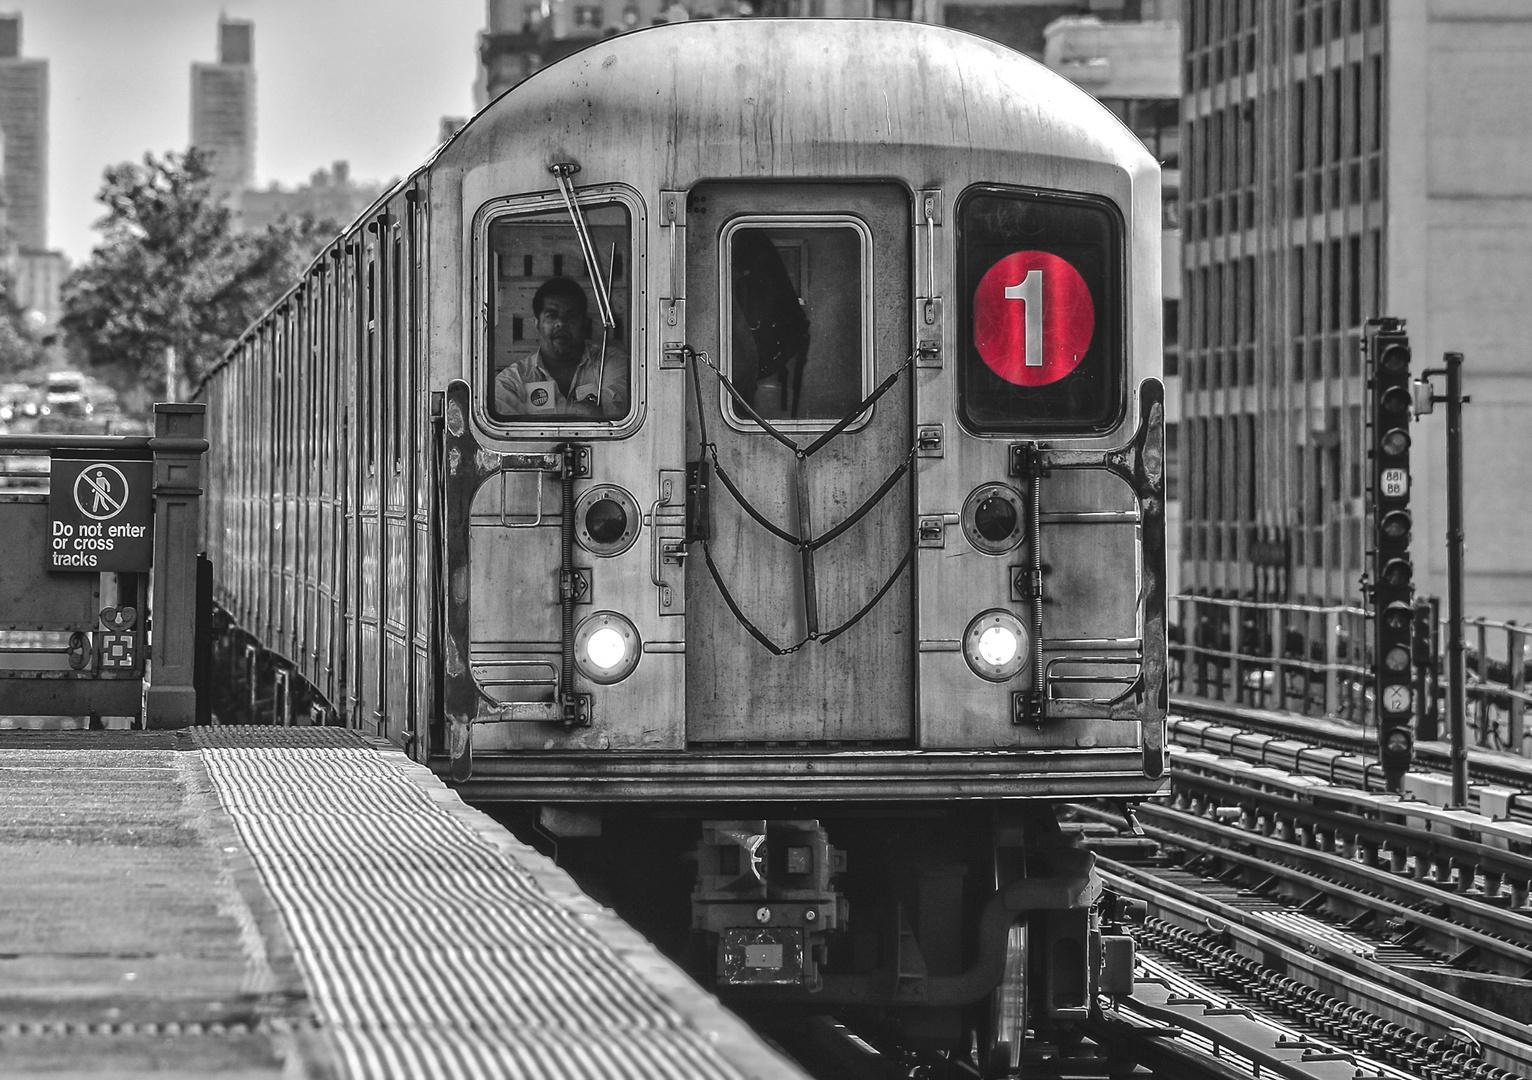 1 Train Uptown